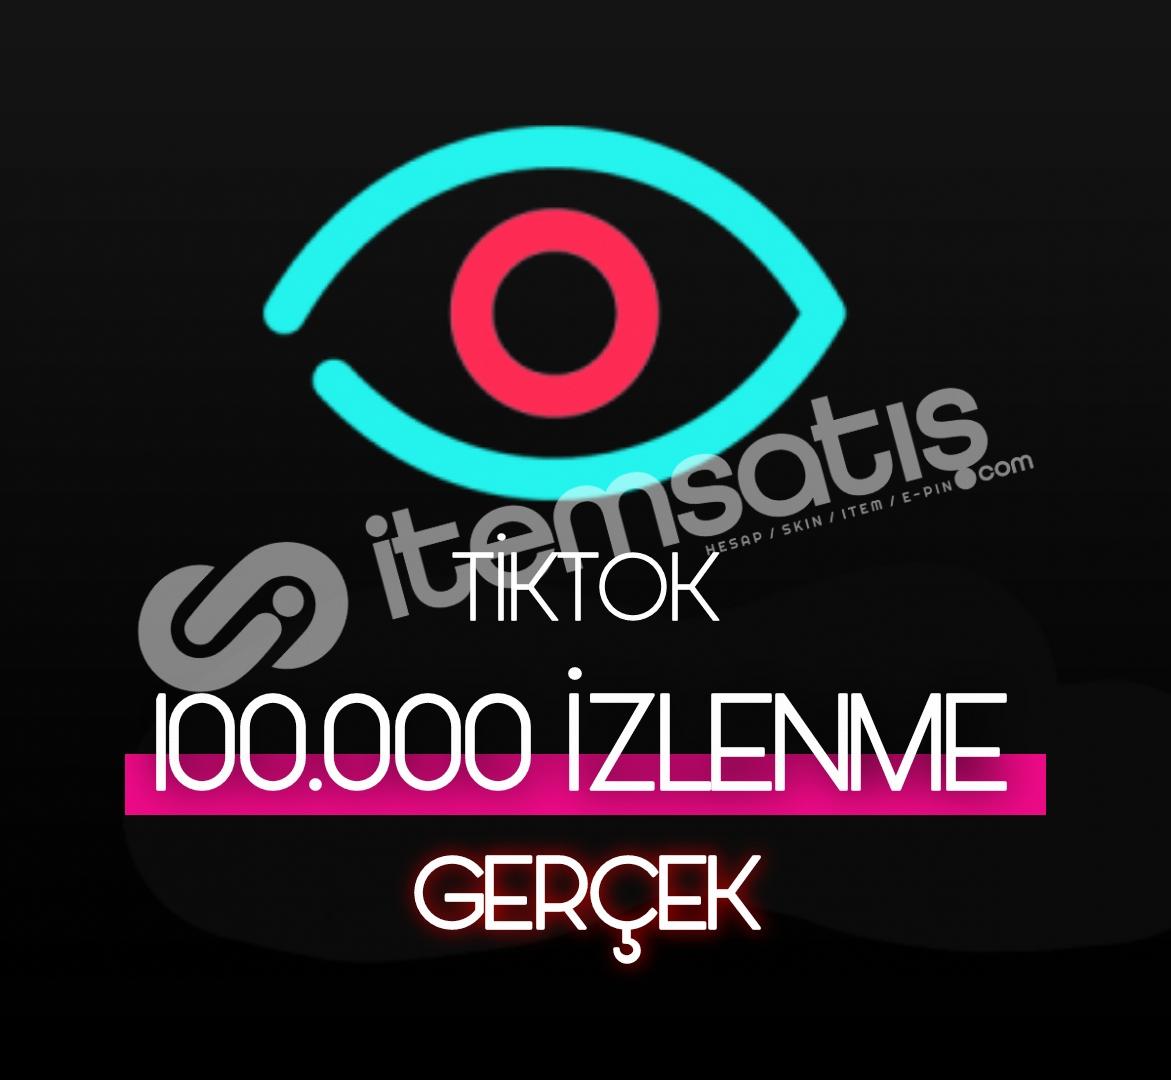 100.000 Tiktok Gerçek İzlenme (Keşfet etkili)